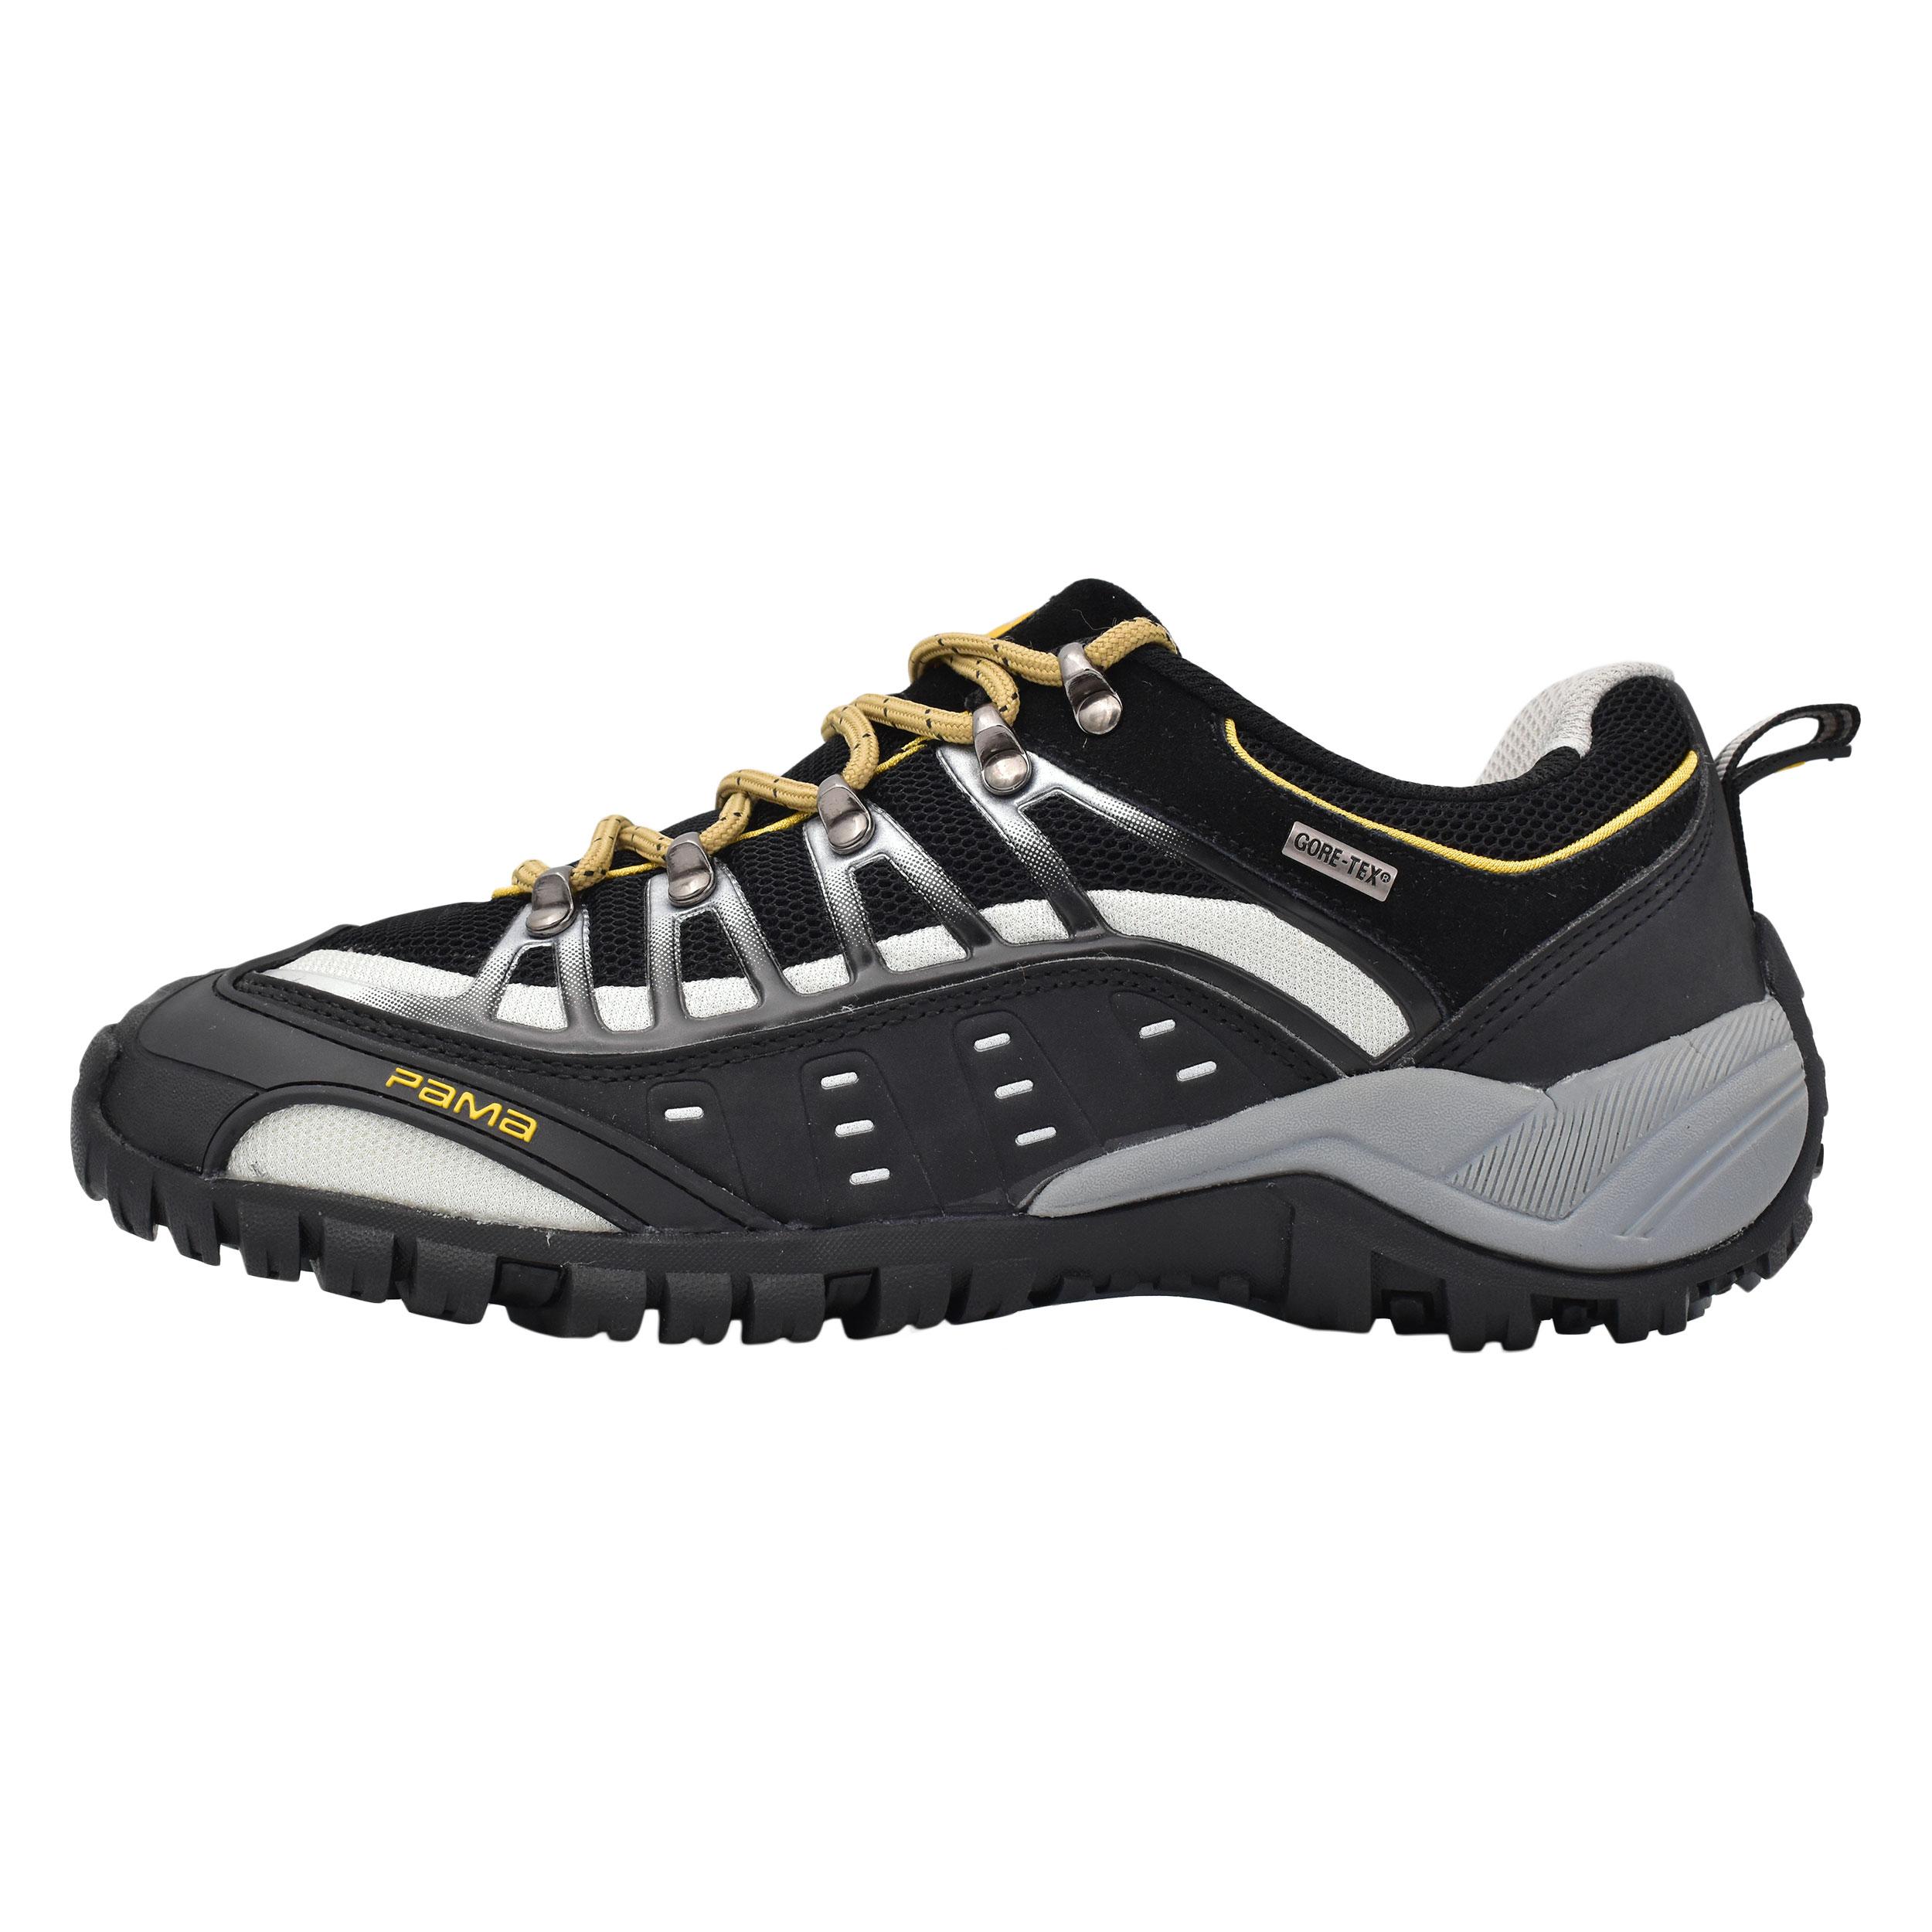 کفش پیاده روی مردانه پاما مدل ANATOLI کد G1133